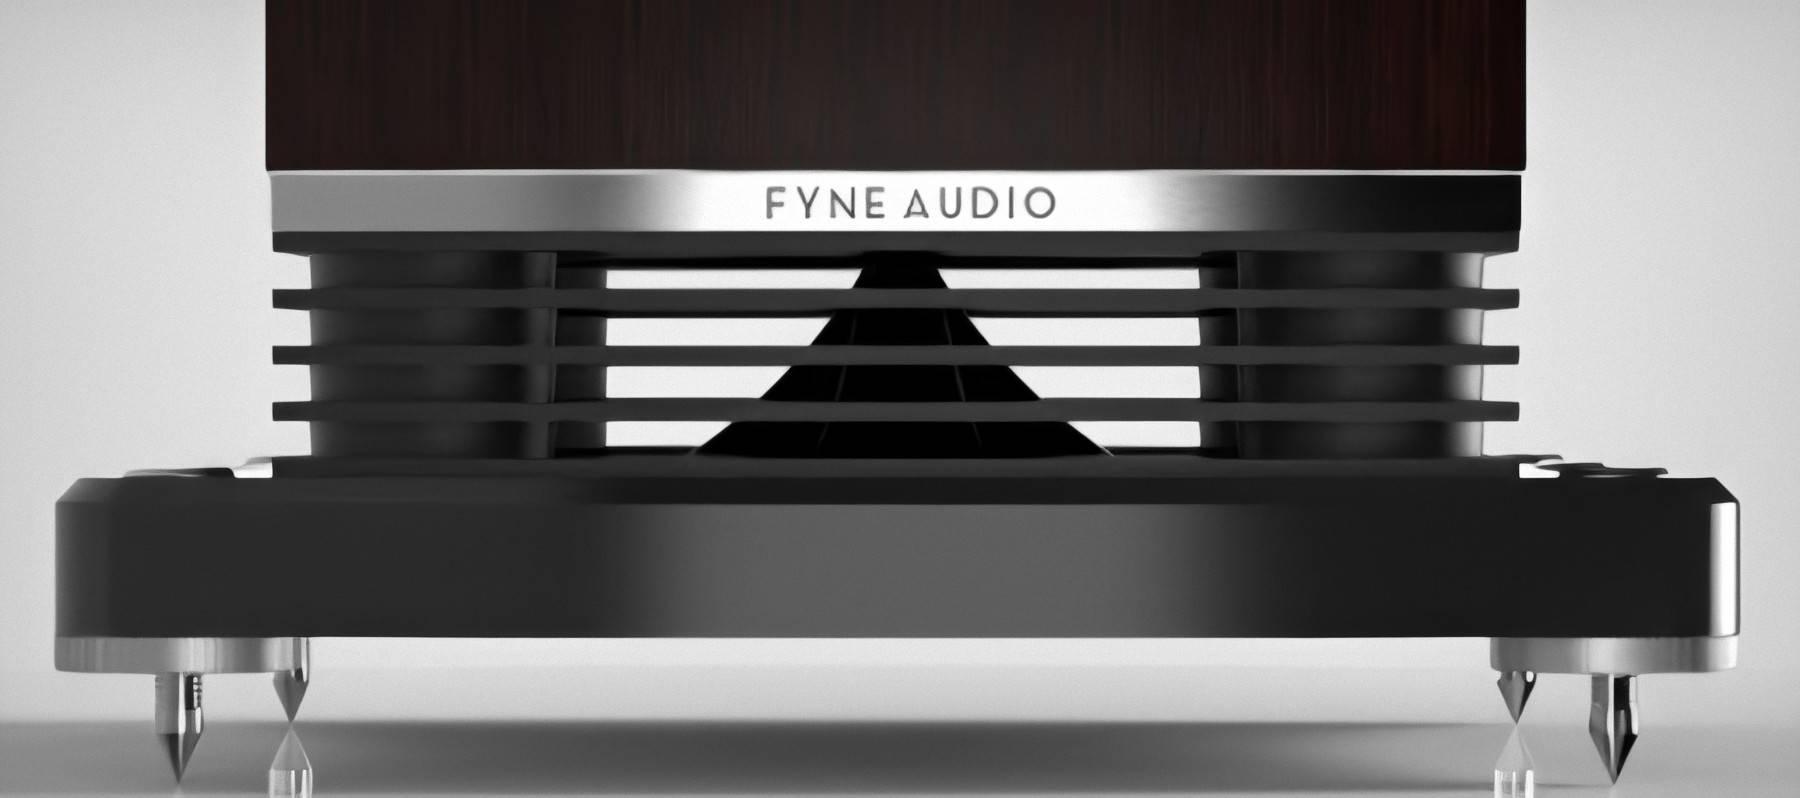 46799 - FYNE AUDIO(ファイン・オーディオ)スピーカーF500のレビュー【10万円台】